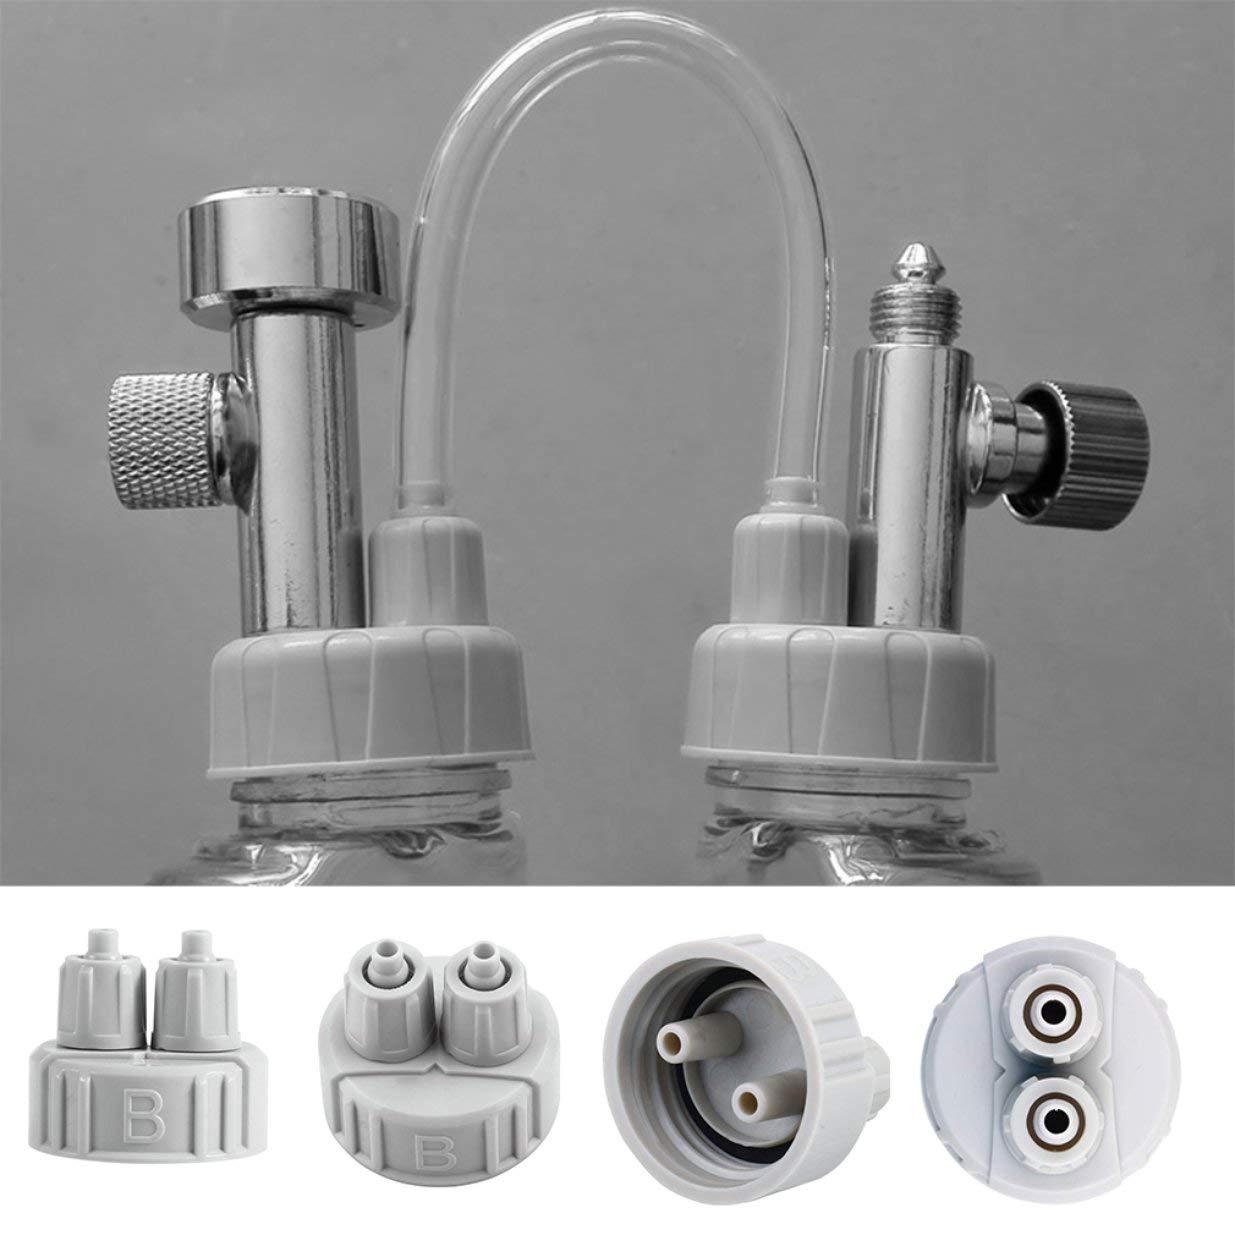 Gris clair Kit ABS Syst/ème bricolage CO2 Partie du g/én/érateur Bouchon de la bouteille avec tubes pour interface Aquarium B plant/é Portable L/éger